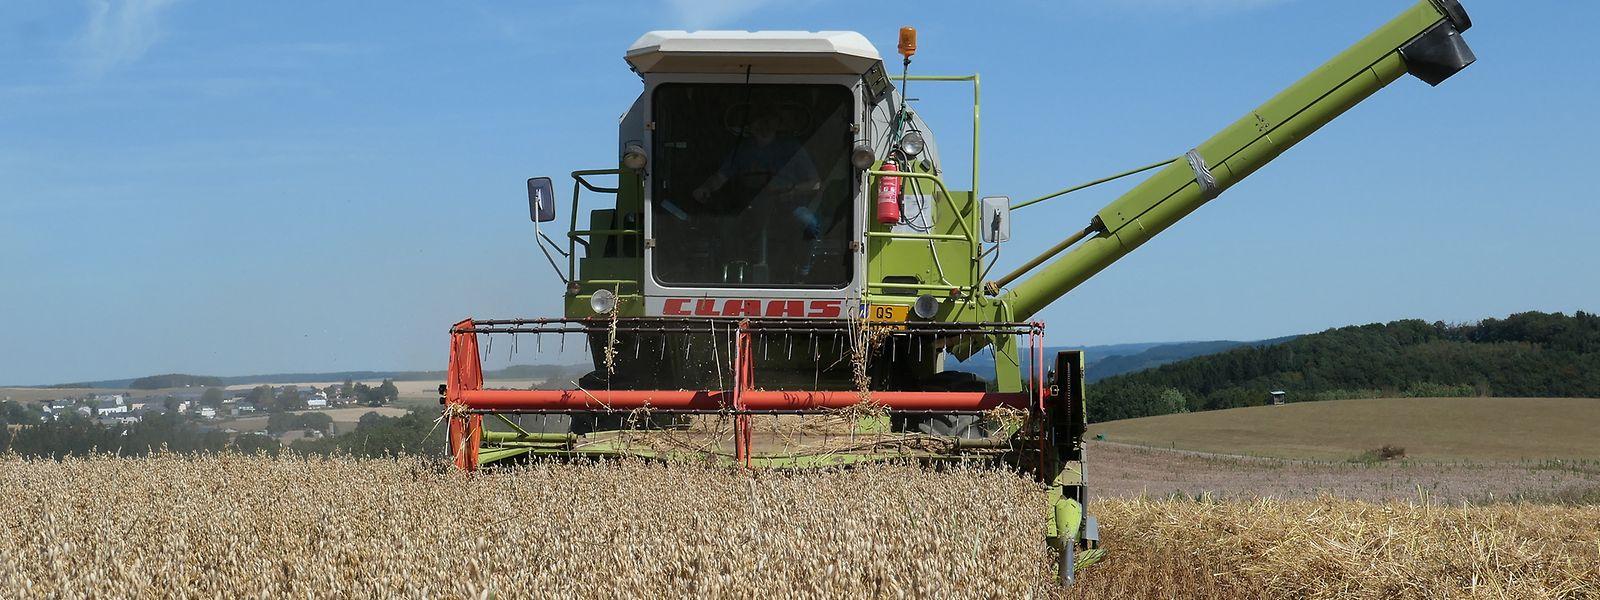 Im Ösling, wie hier in Kalborn, läuft die Getreideernte dieser Tage noch so mancherorts auf vollen Touren. Im Gutland sind die Felder dagegen schon weitestgehend abgeerntet.